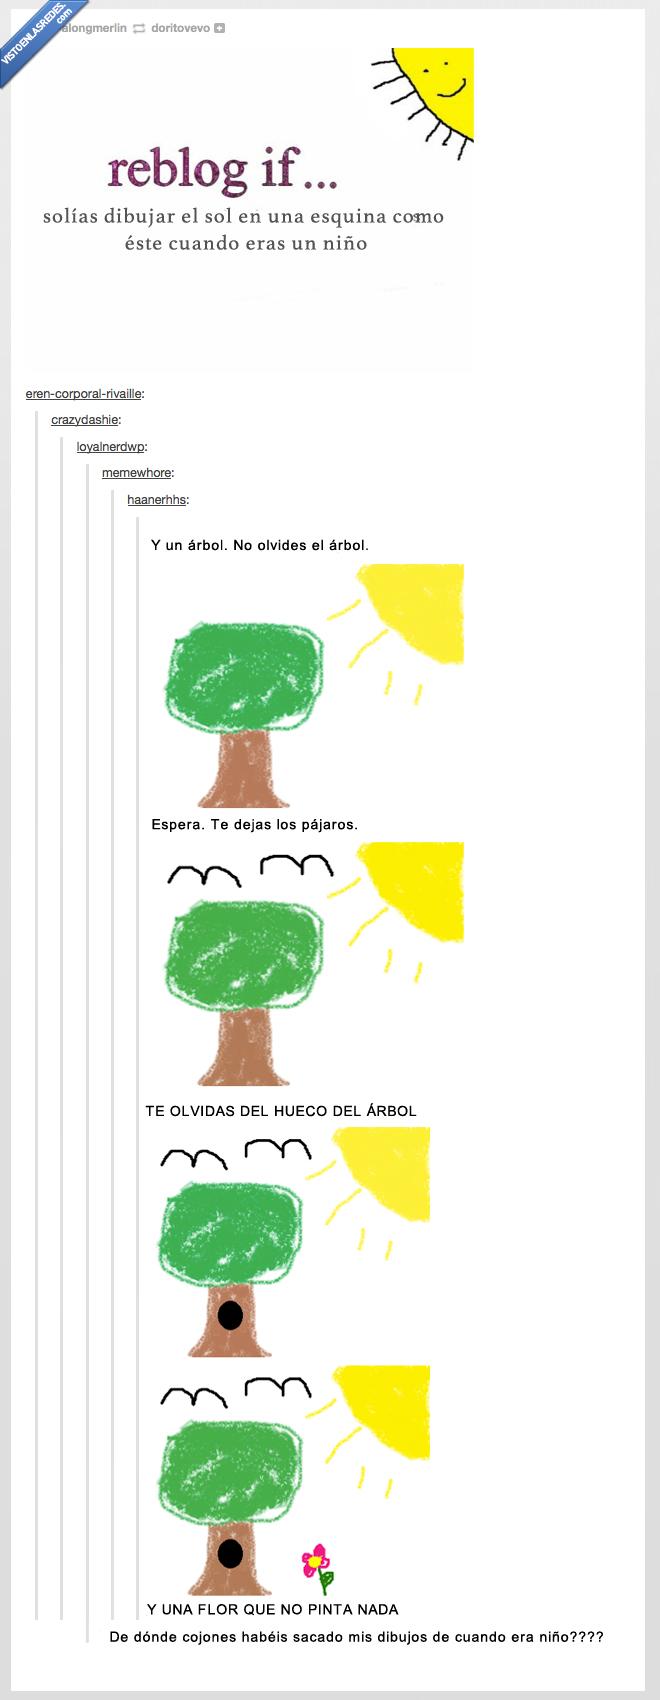 agujero,arbol,ave,cara,dibujar,esquina,mismo,niño,pequeño,sol,tumblr